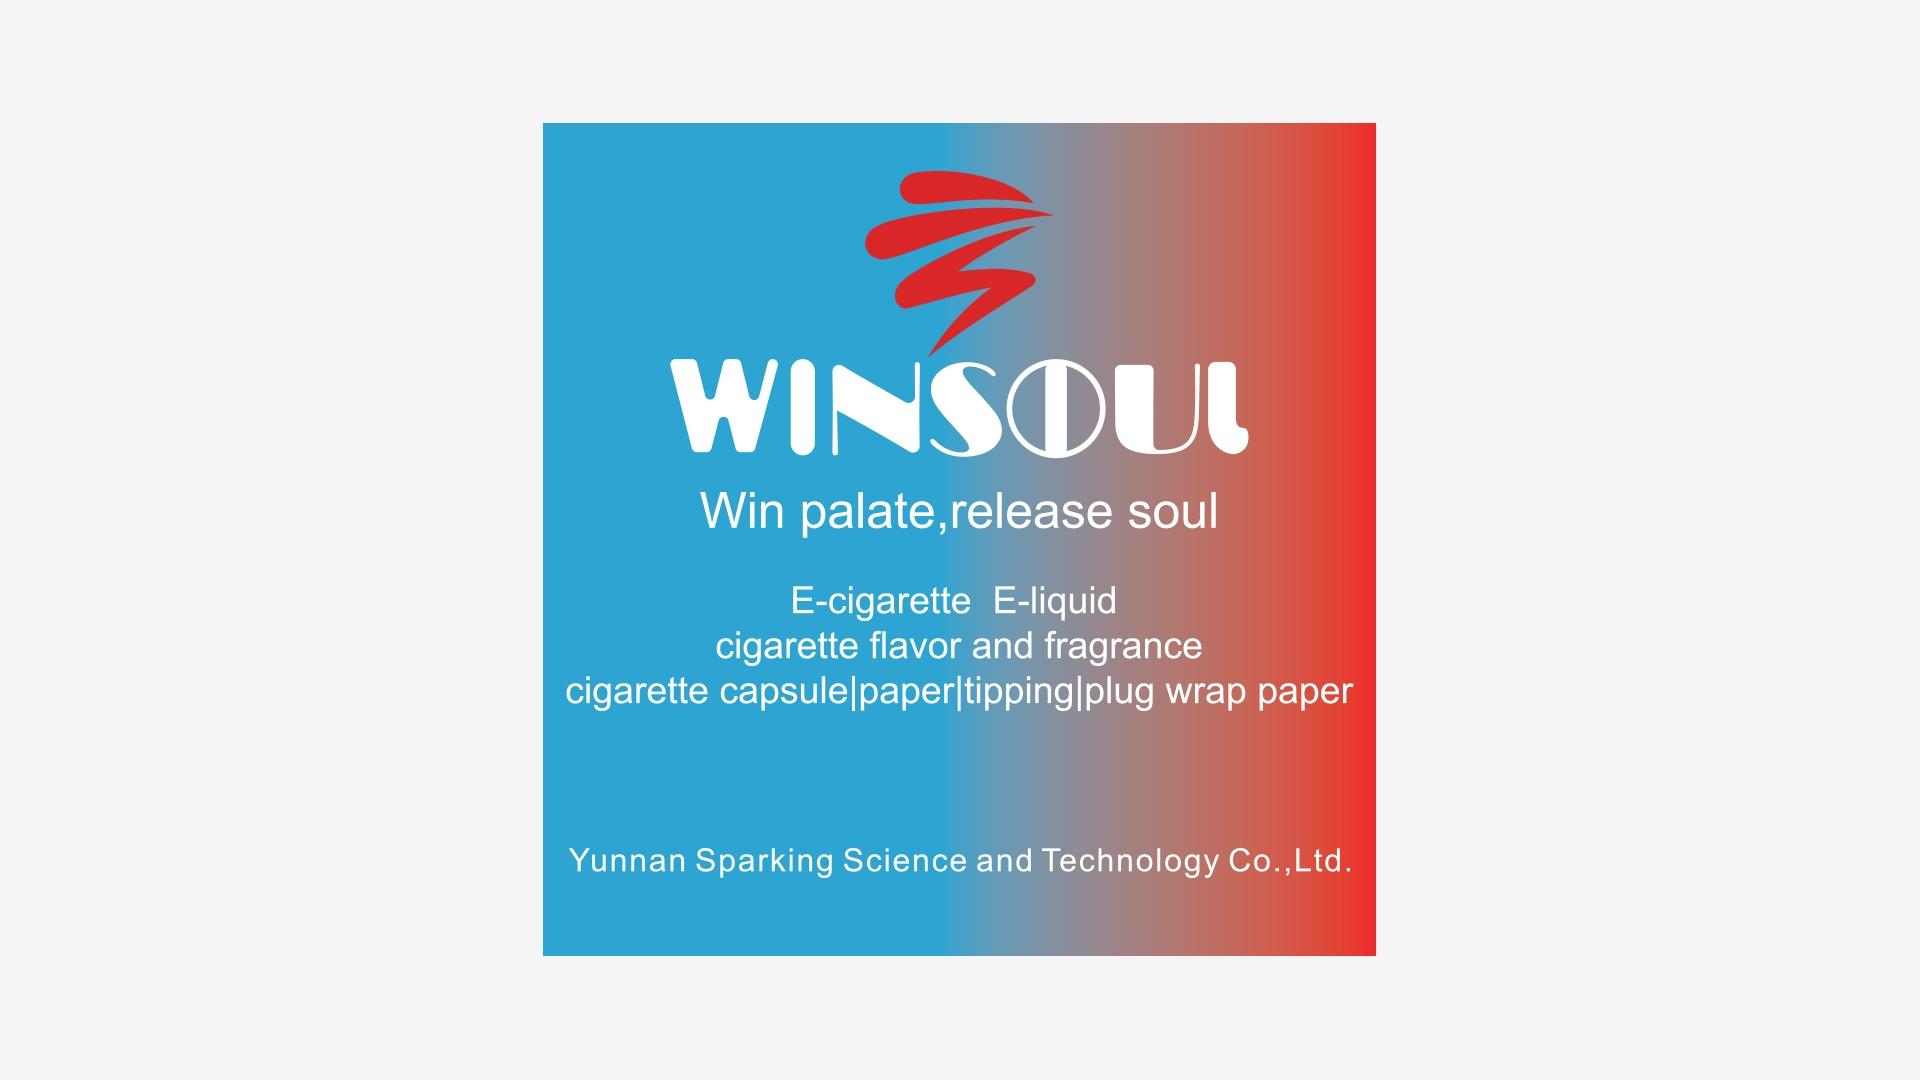 Winsoul